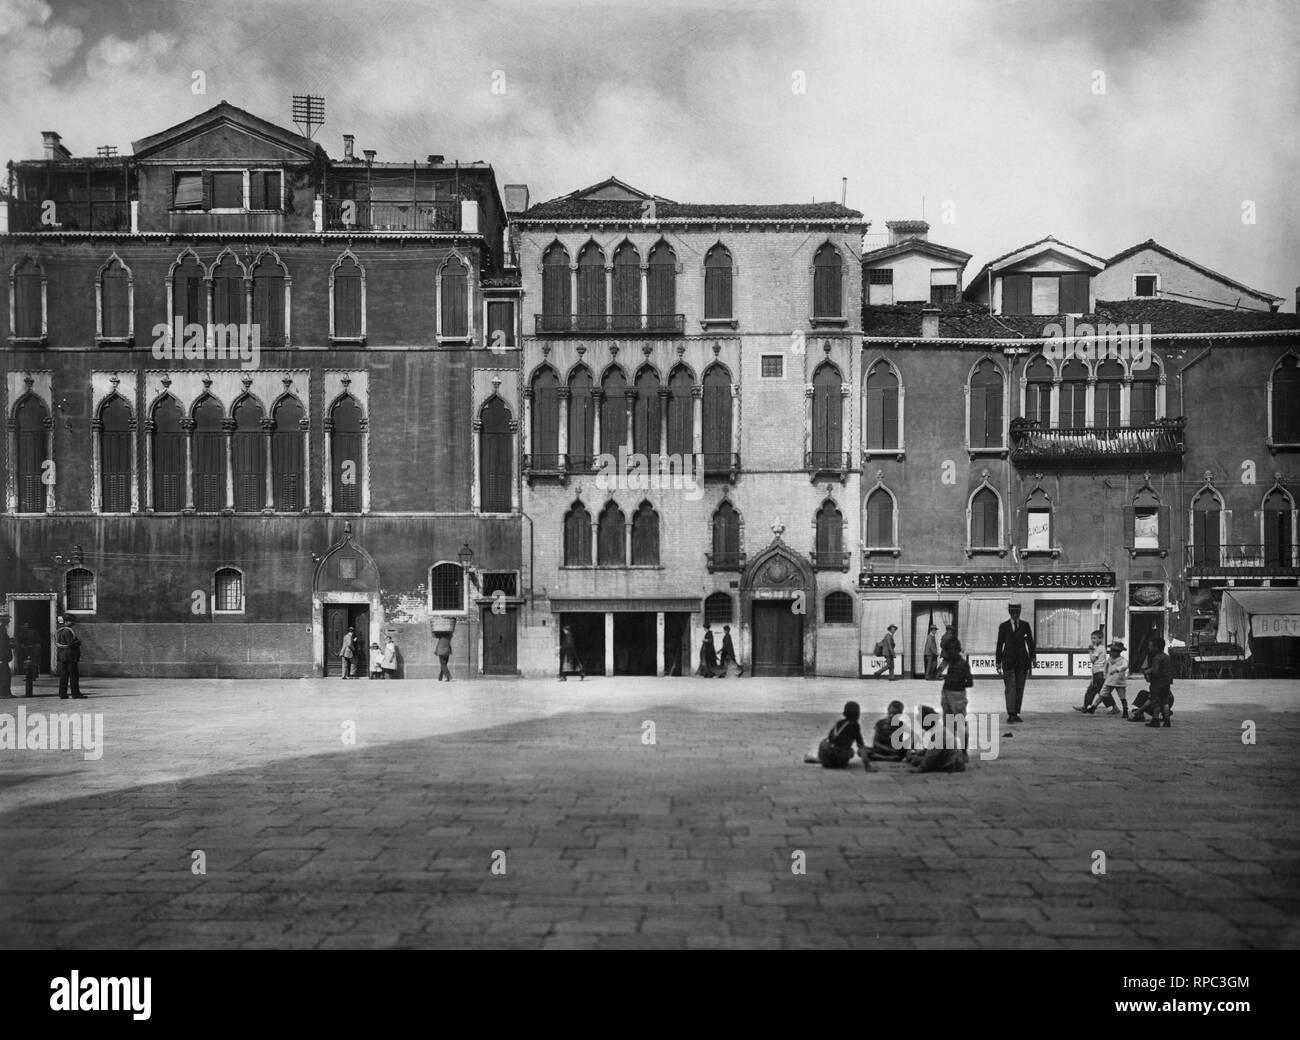 italy, veneto, venice, campo santa maria formosa, 1910-20 - Stock Image